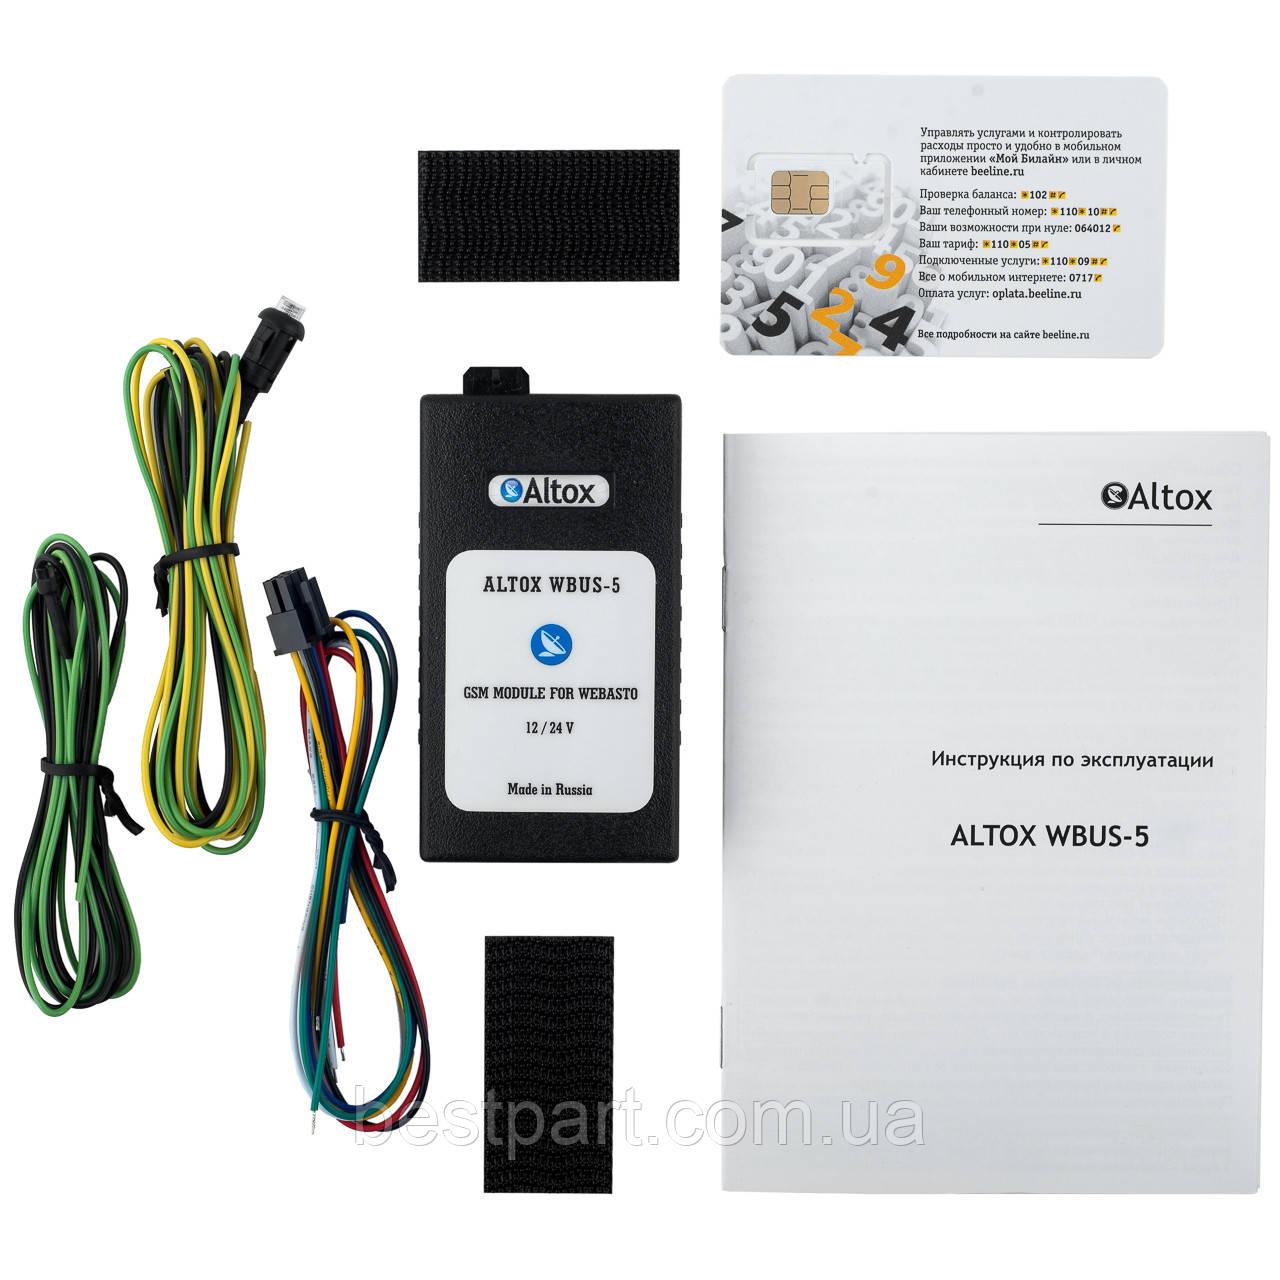 GSM модуль Altox WBUS-5 для управління обігрівачами Webasto